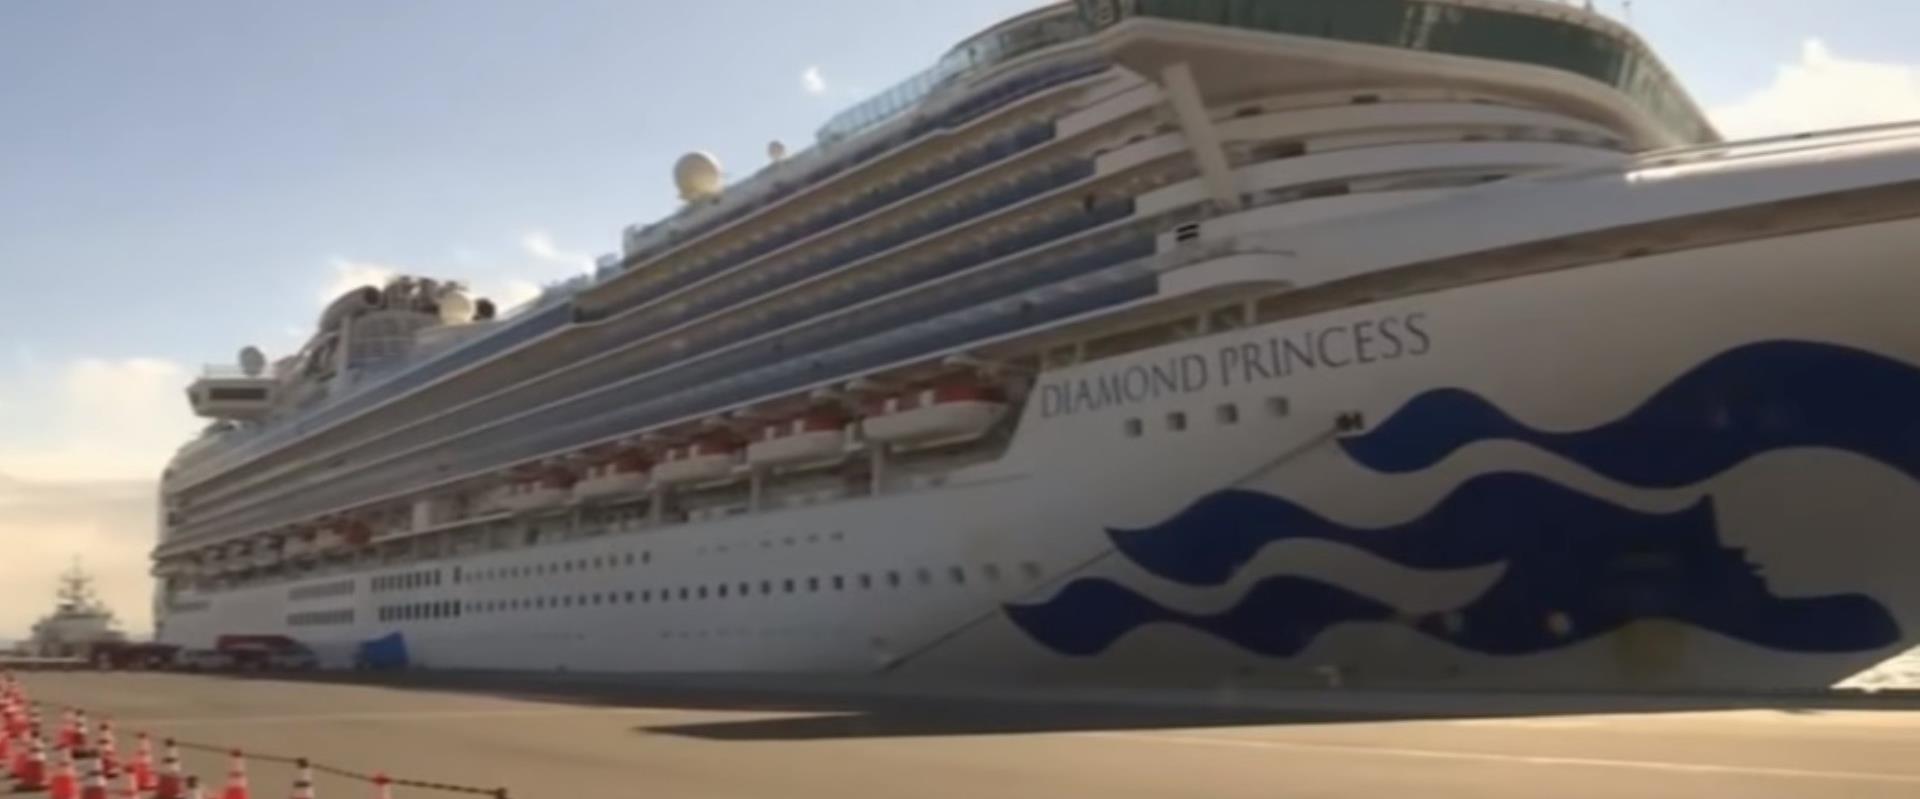 Diamond Princess la croisière virus corona avec israéliens à bord